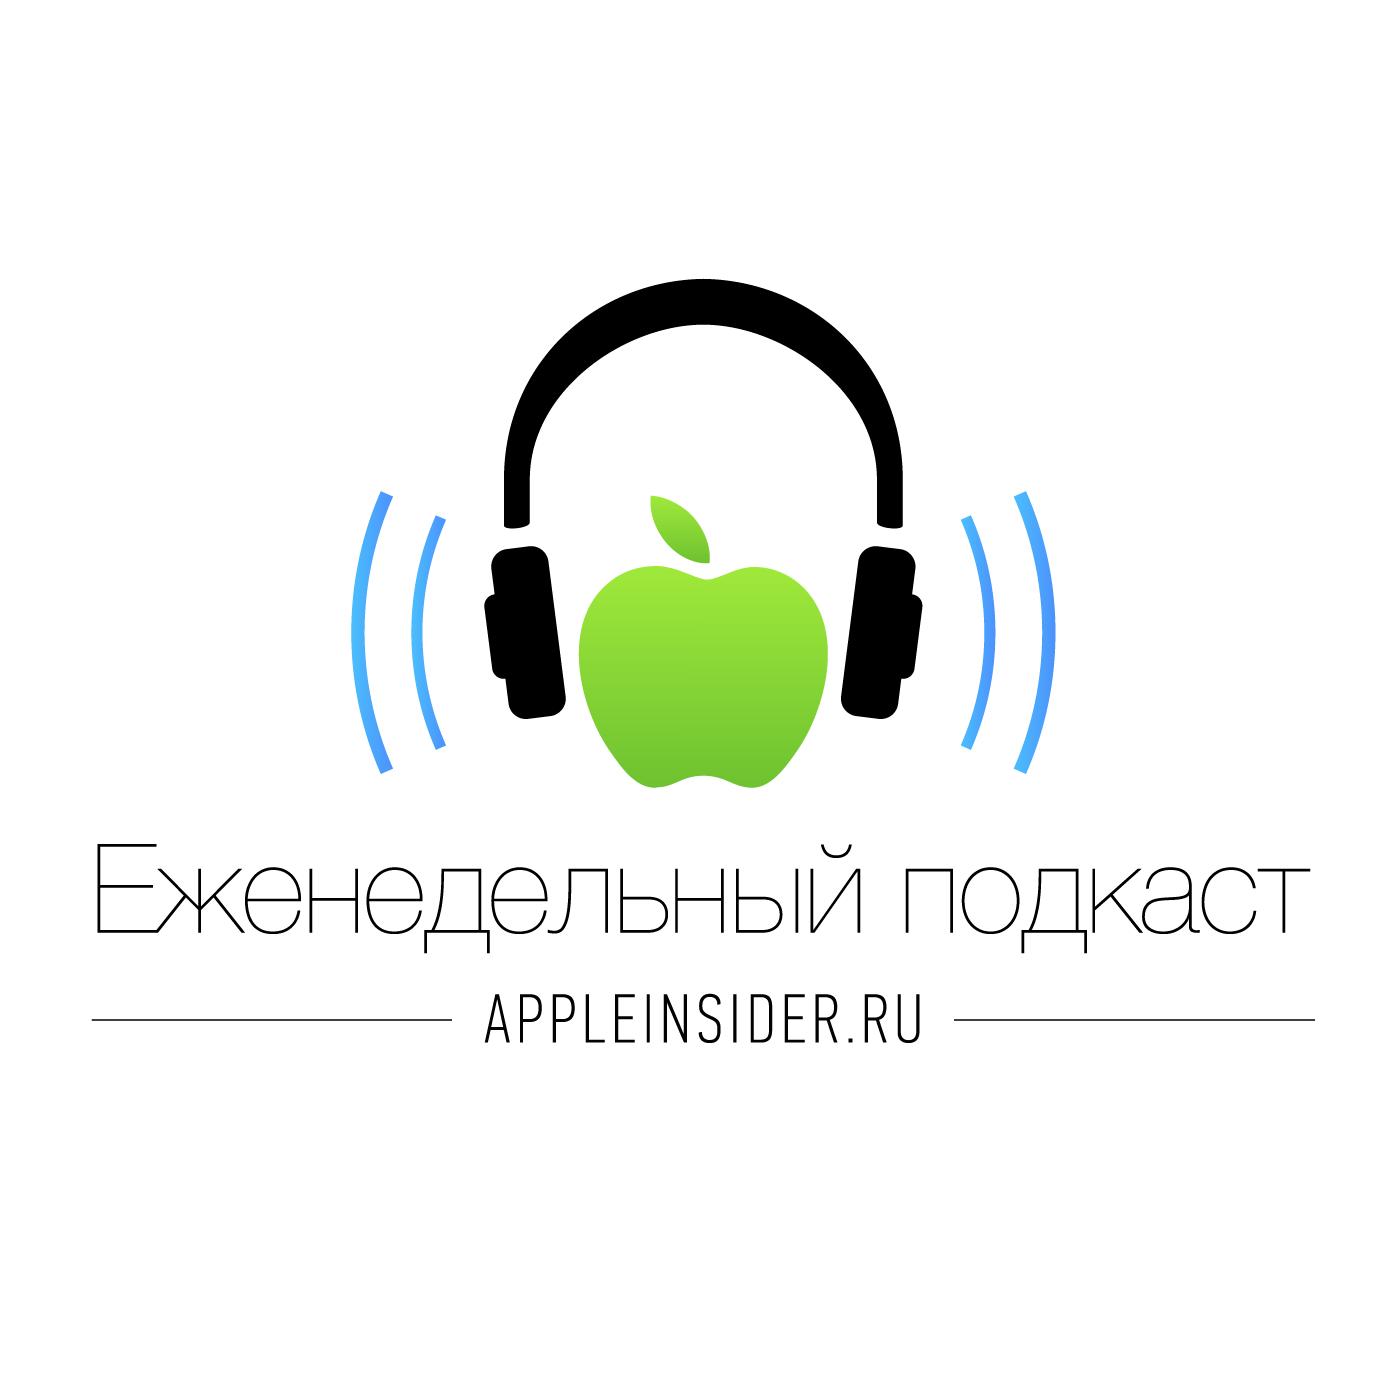 Миша Королев В гостях Иван Лучков (revolverlab.com)